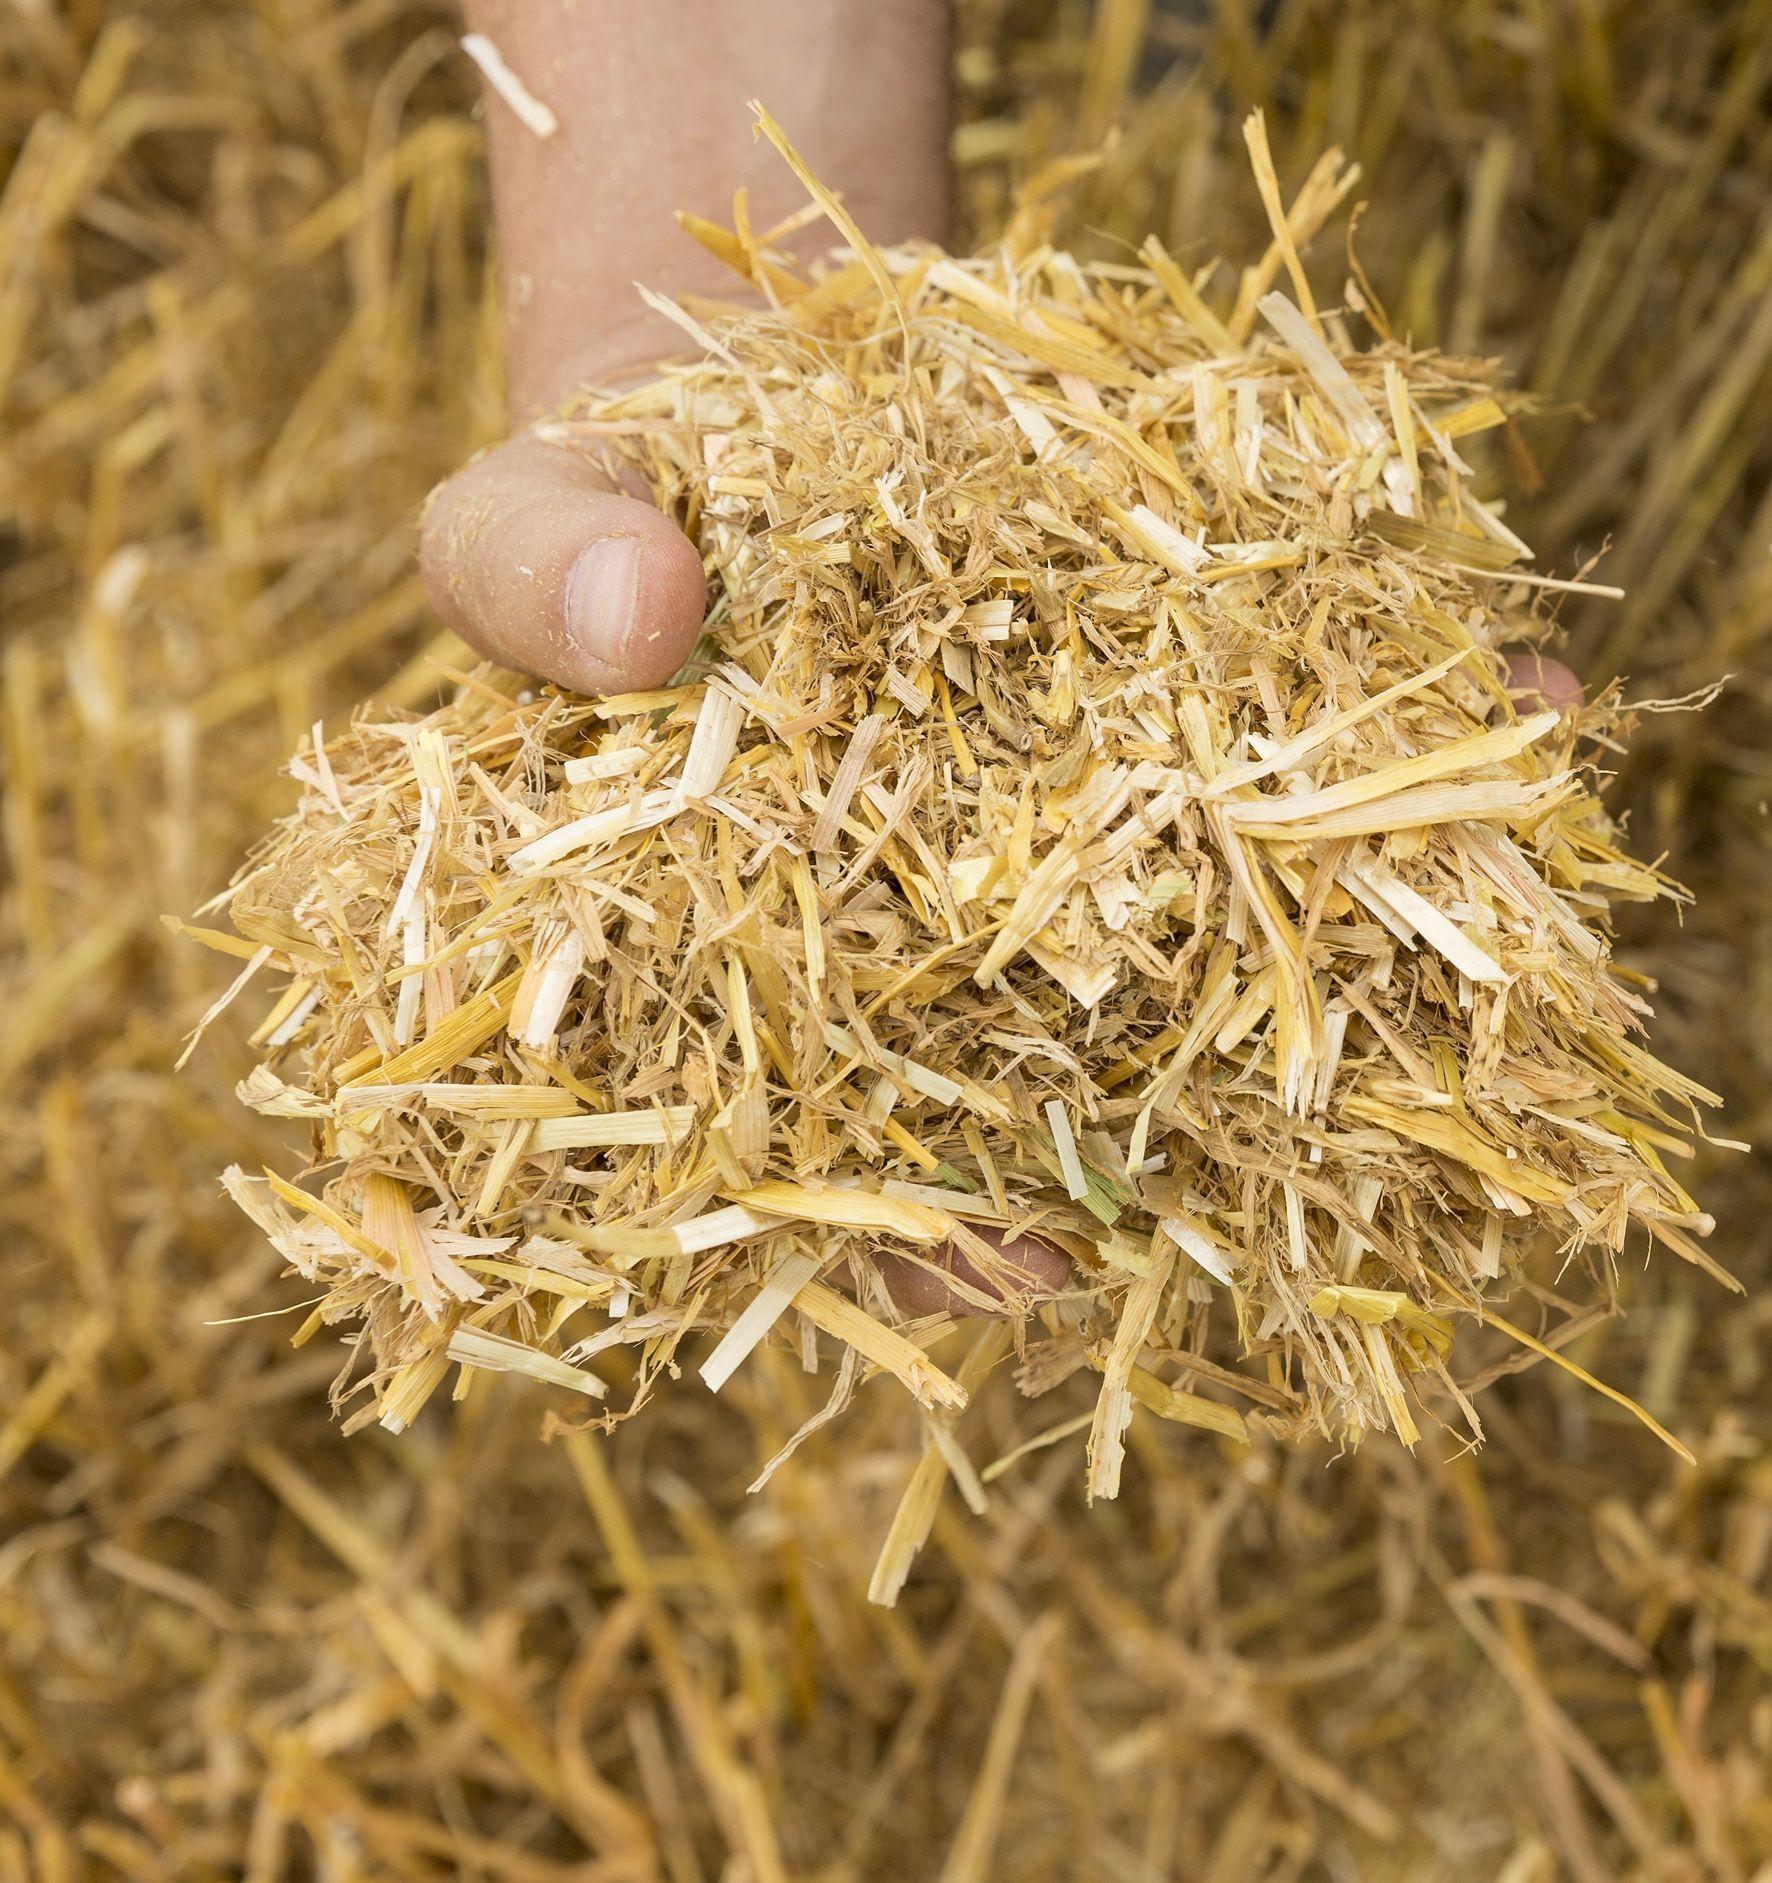 Пищевые отходы как удобрение на огороде: какие очистки полезны пищевые отходы как удобрение на огороде: какие очистки полезны